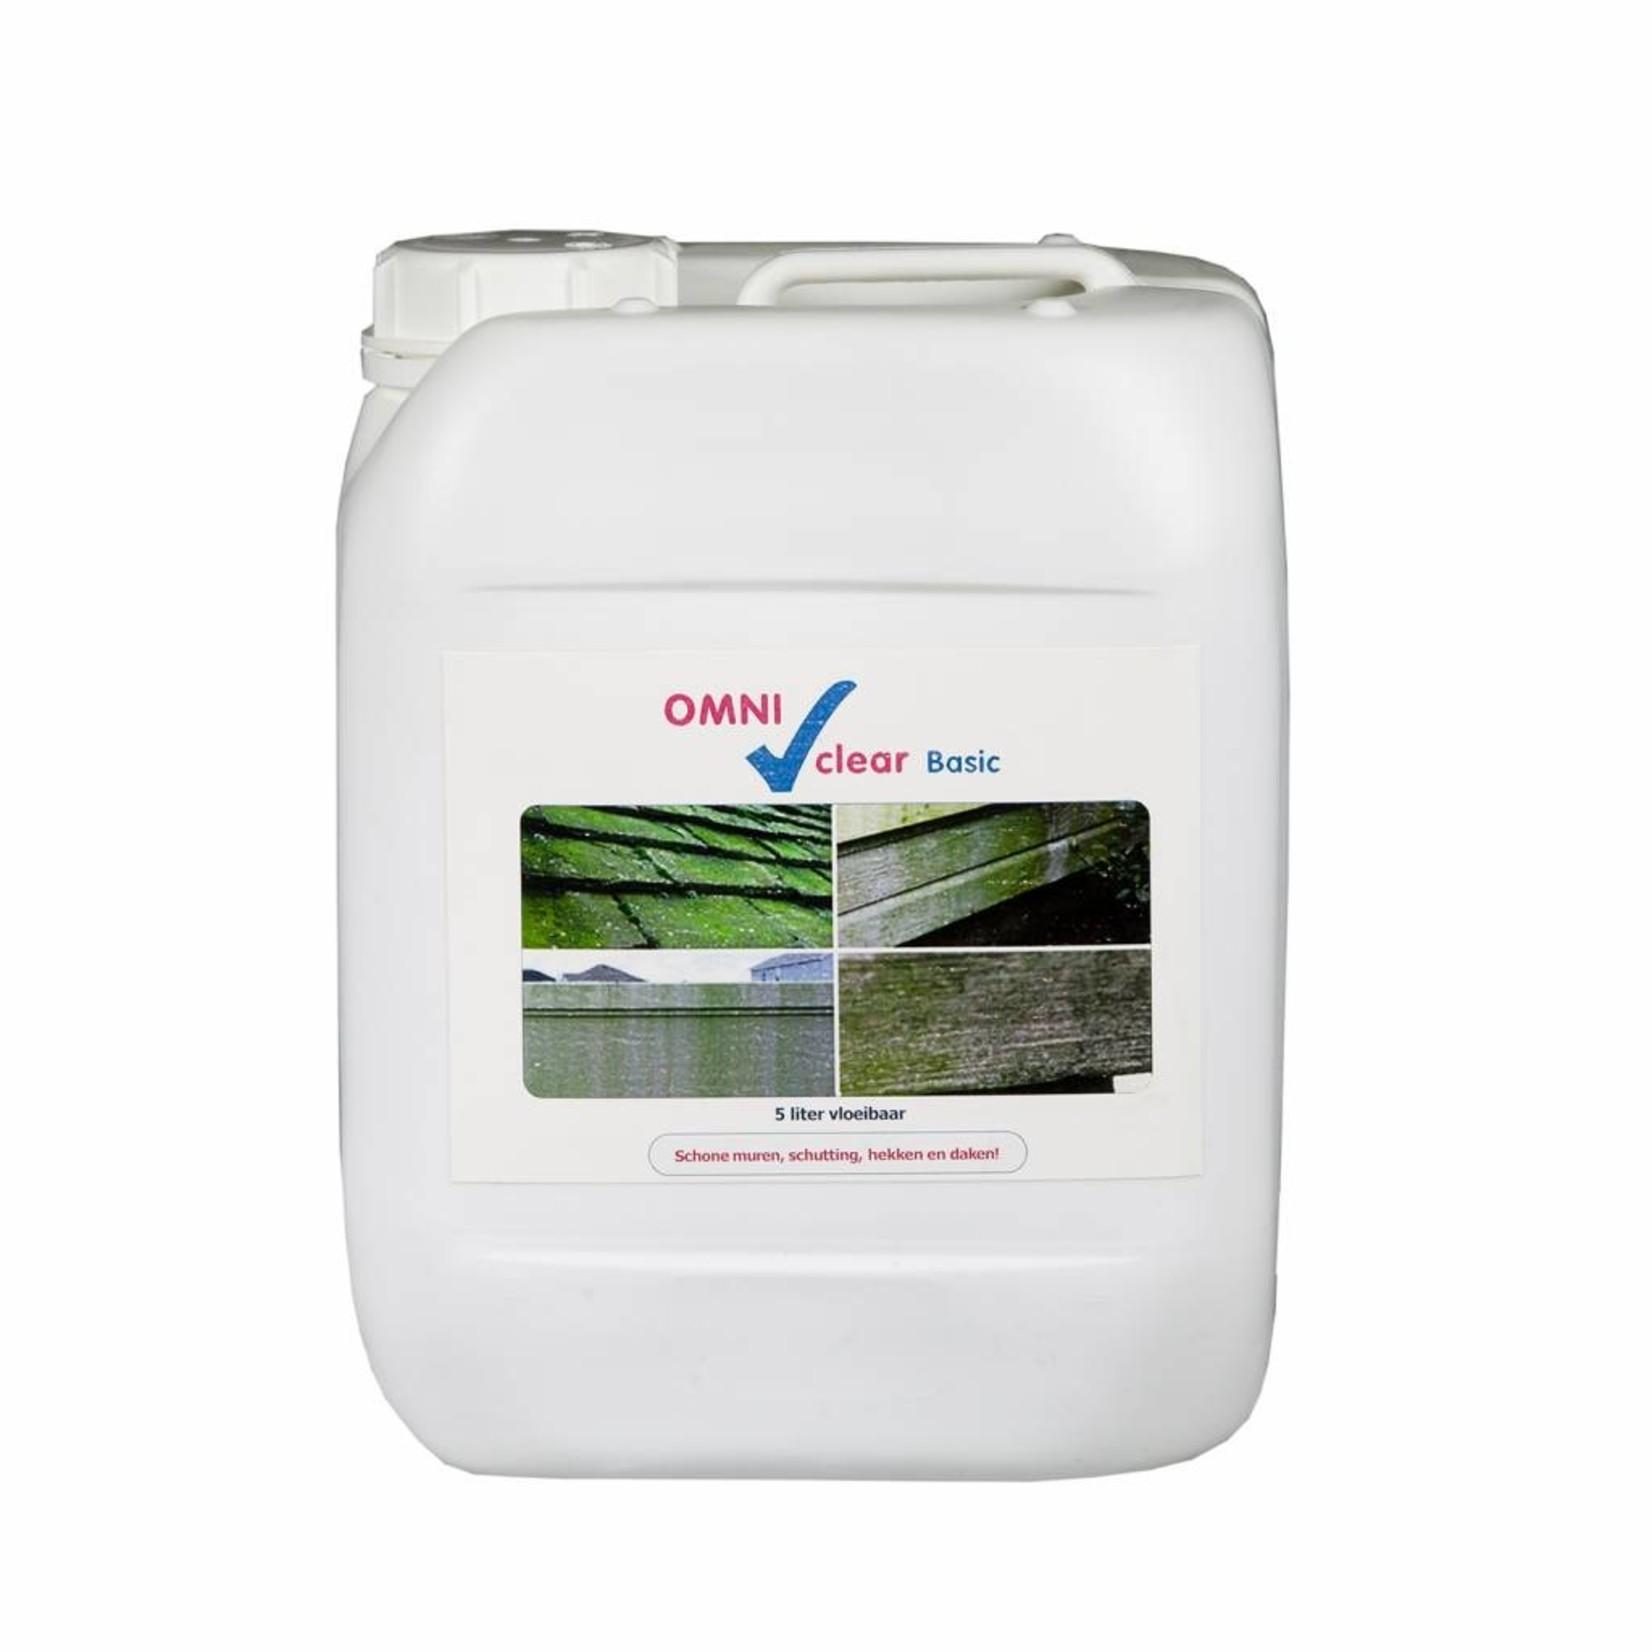 Omni Clear Basic vloeibaar 5 liter (concentraat) tegen groene aanslag en mossen